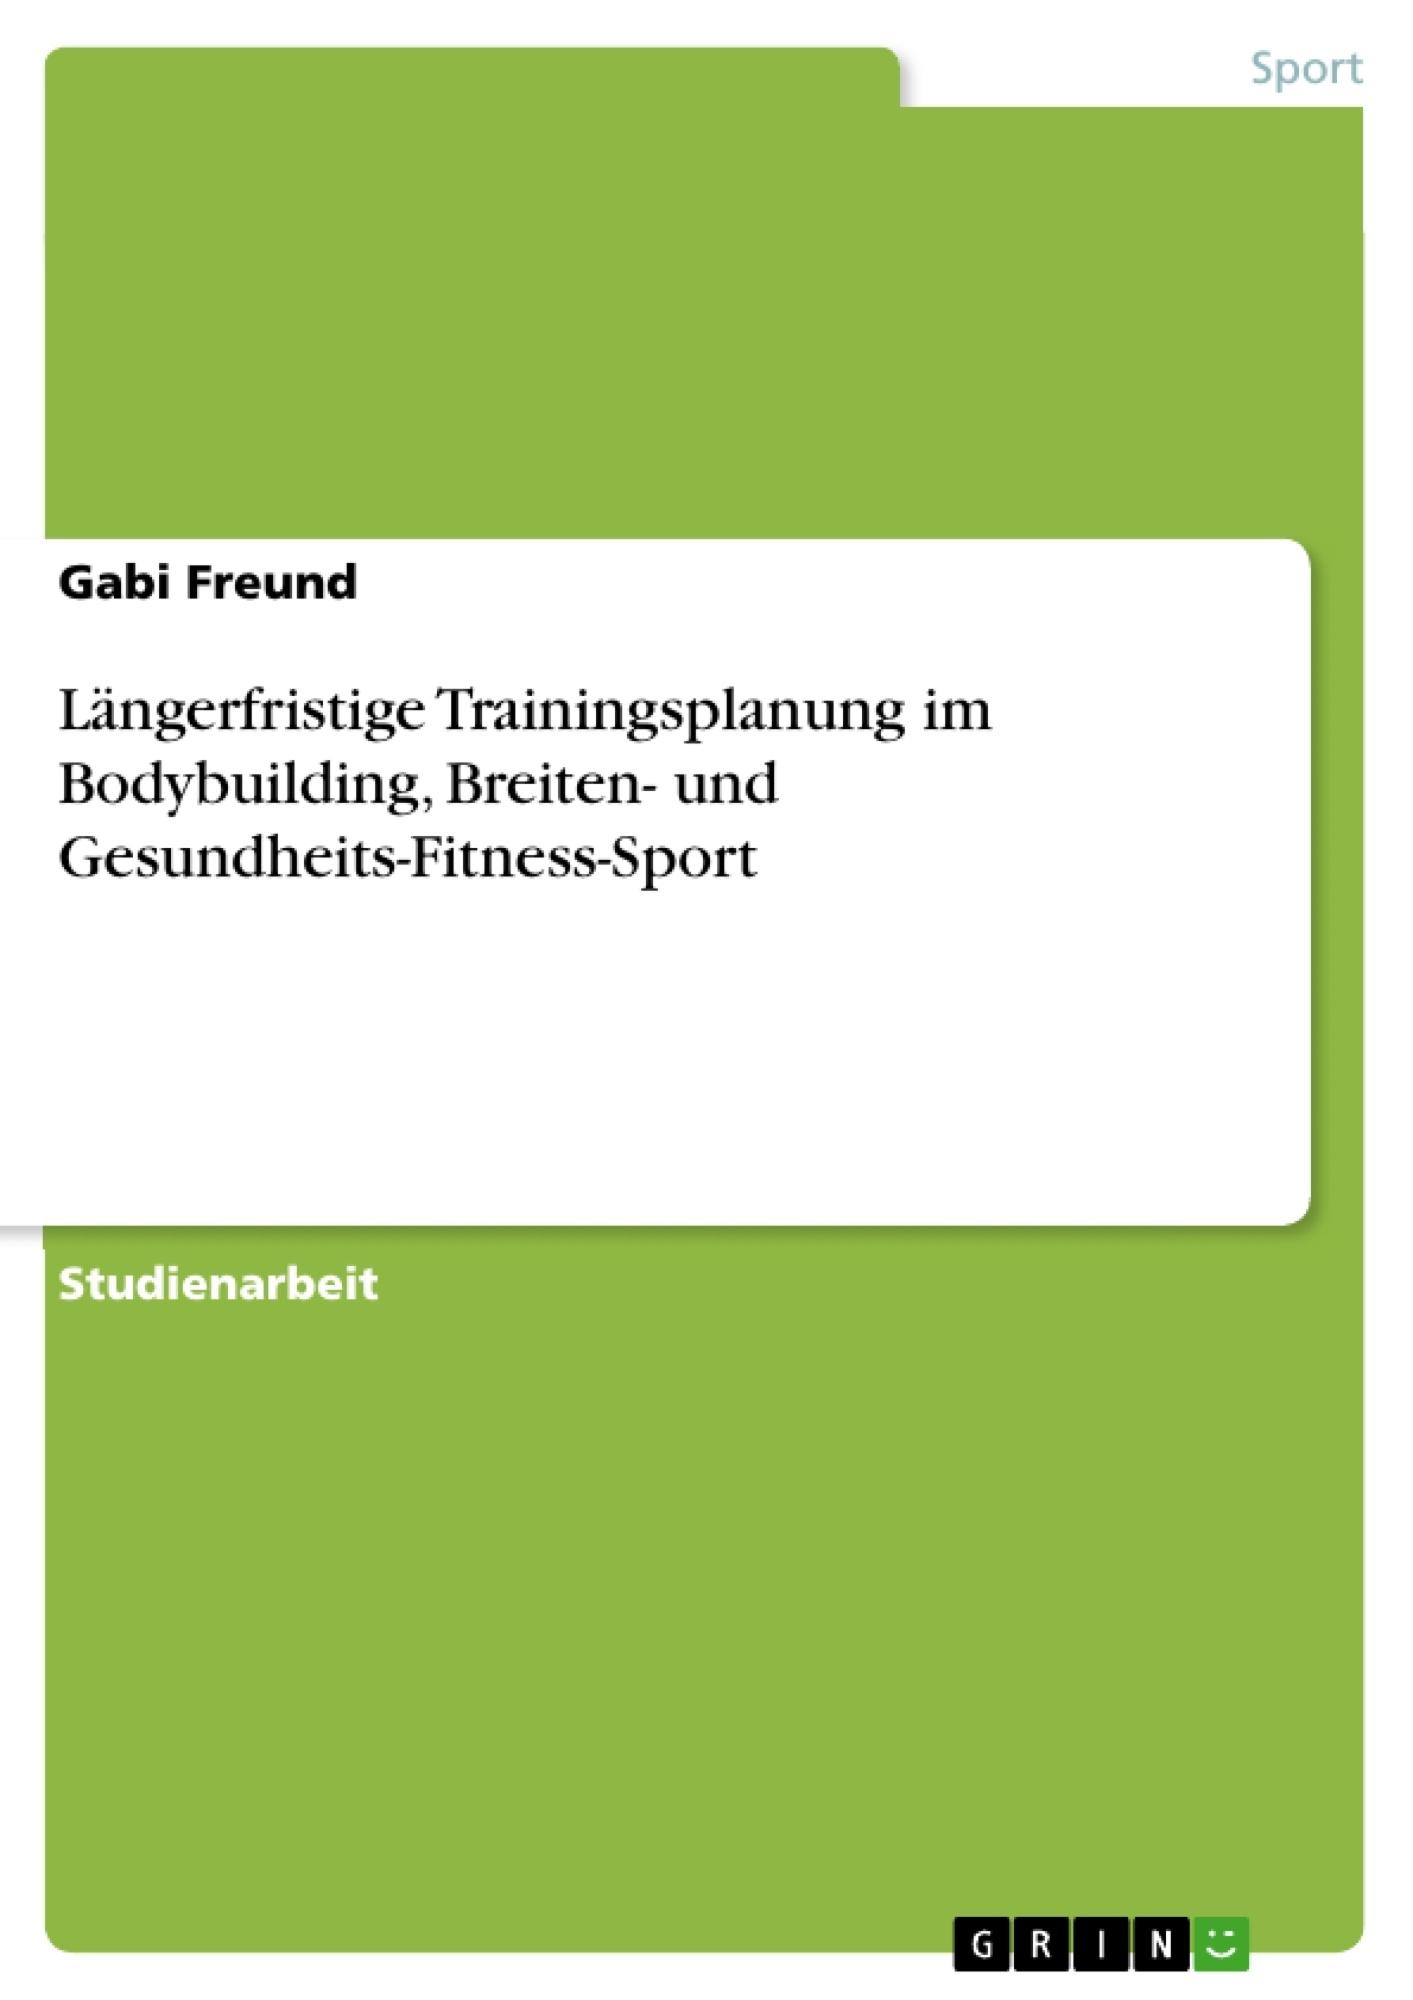 Titel: Längerfristige Trainingsplanung im Bodybuilding, Breiten- und Gesundheits-Fitness-Sport